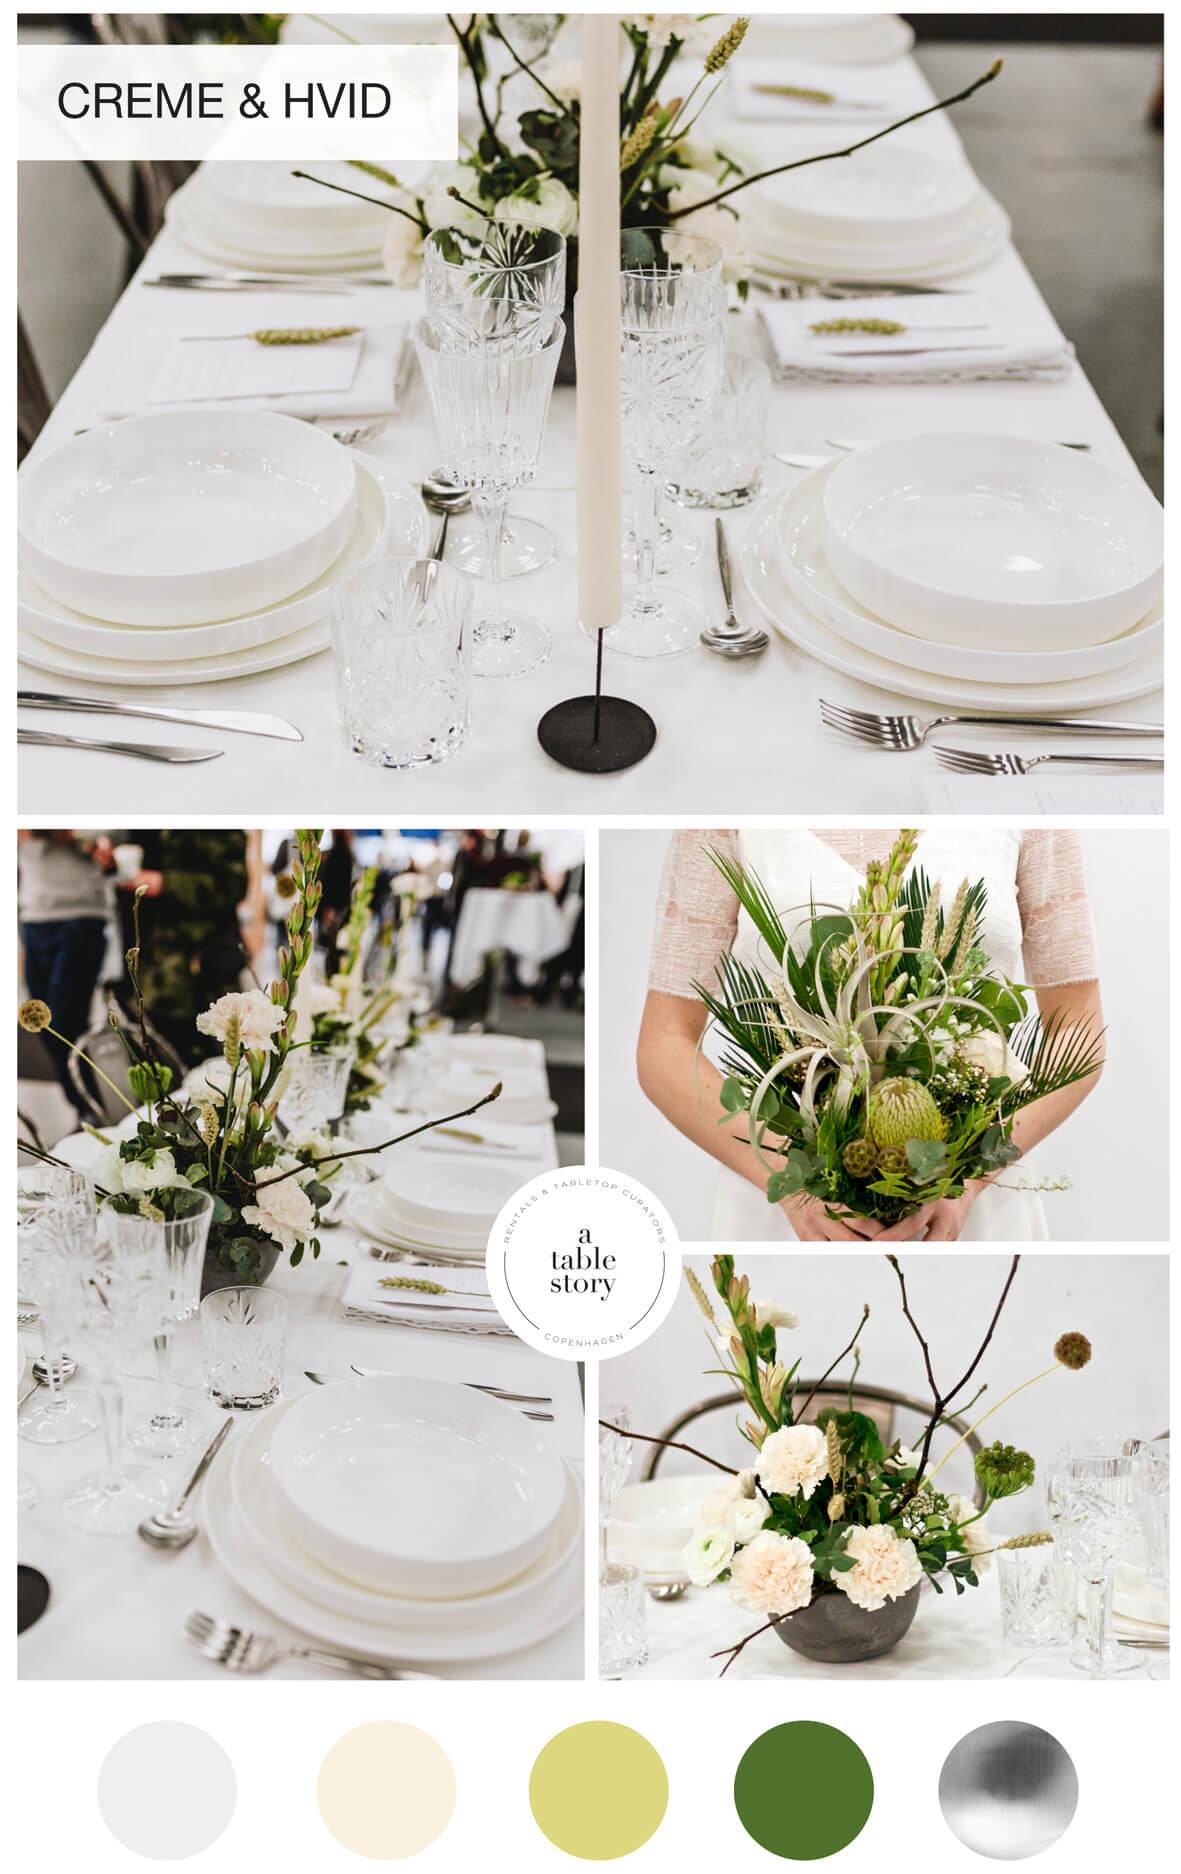 A table story_serviceudlejning København_Blomster til bryllup